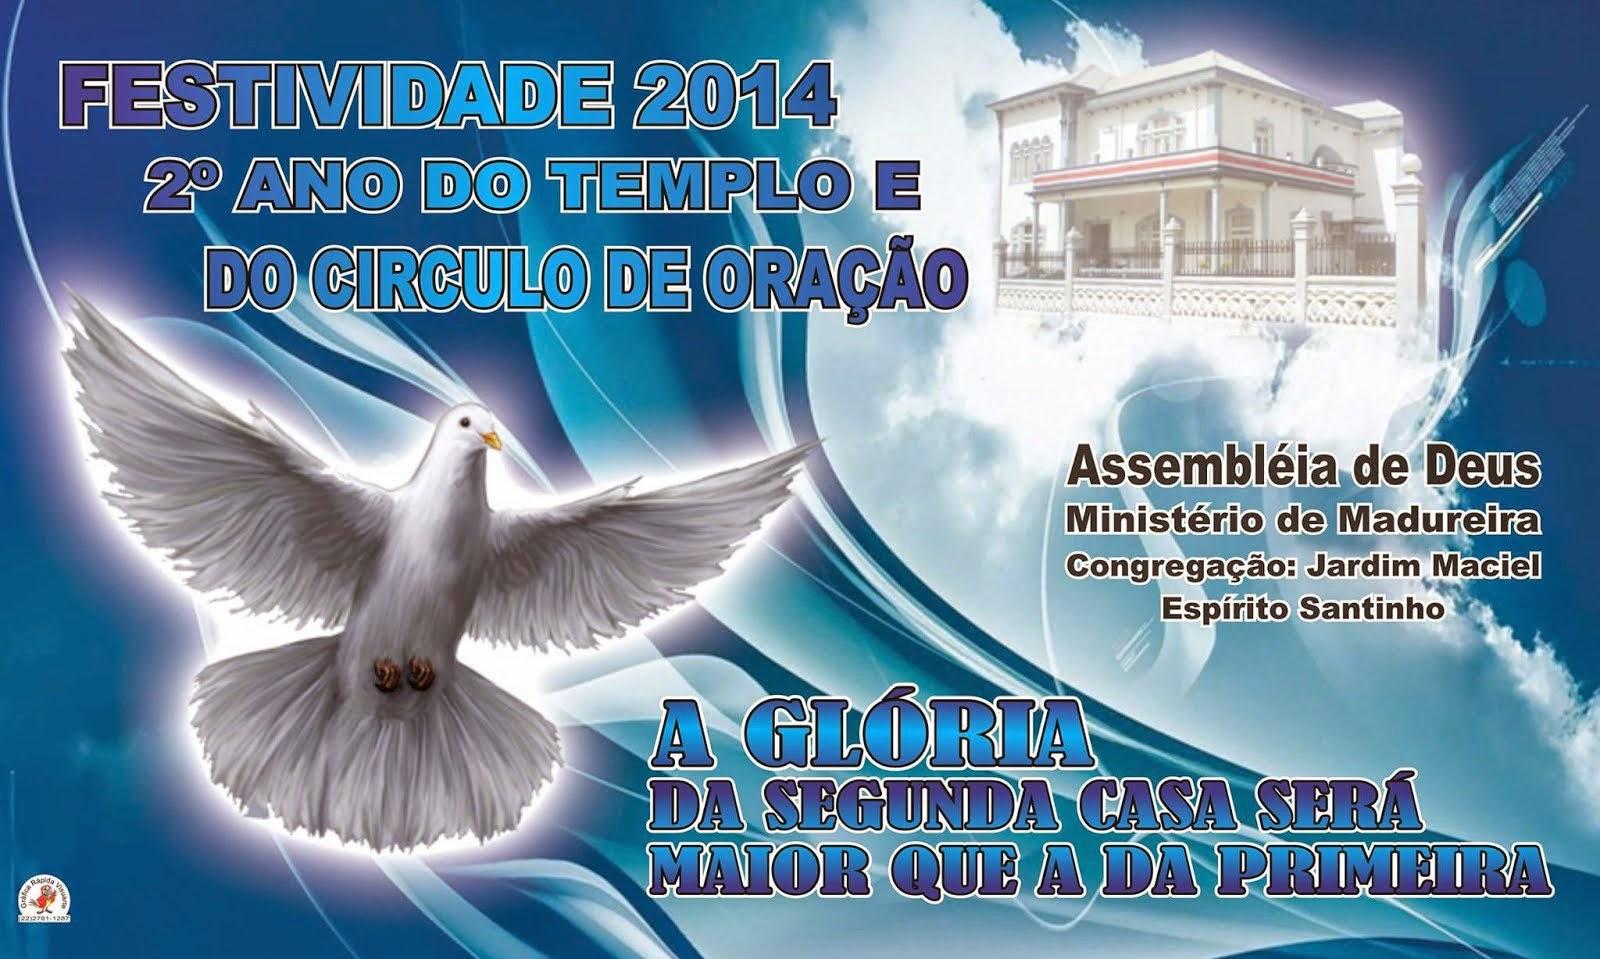 2º aniversário da Igreja Assembleia de Deus de Espírito Santinho